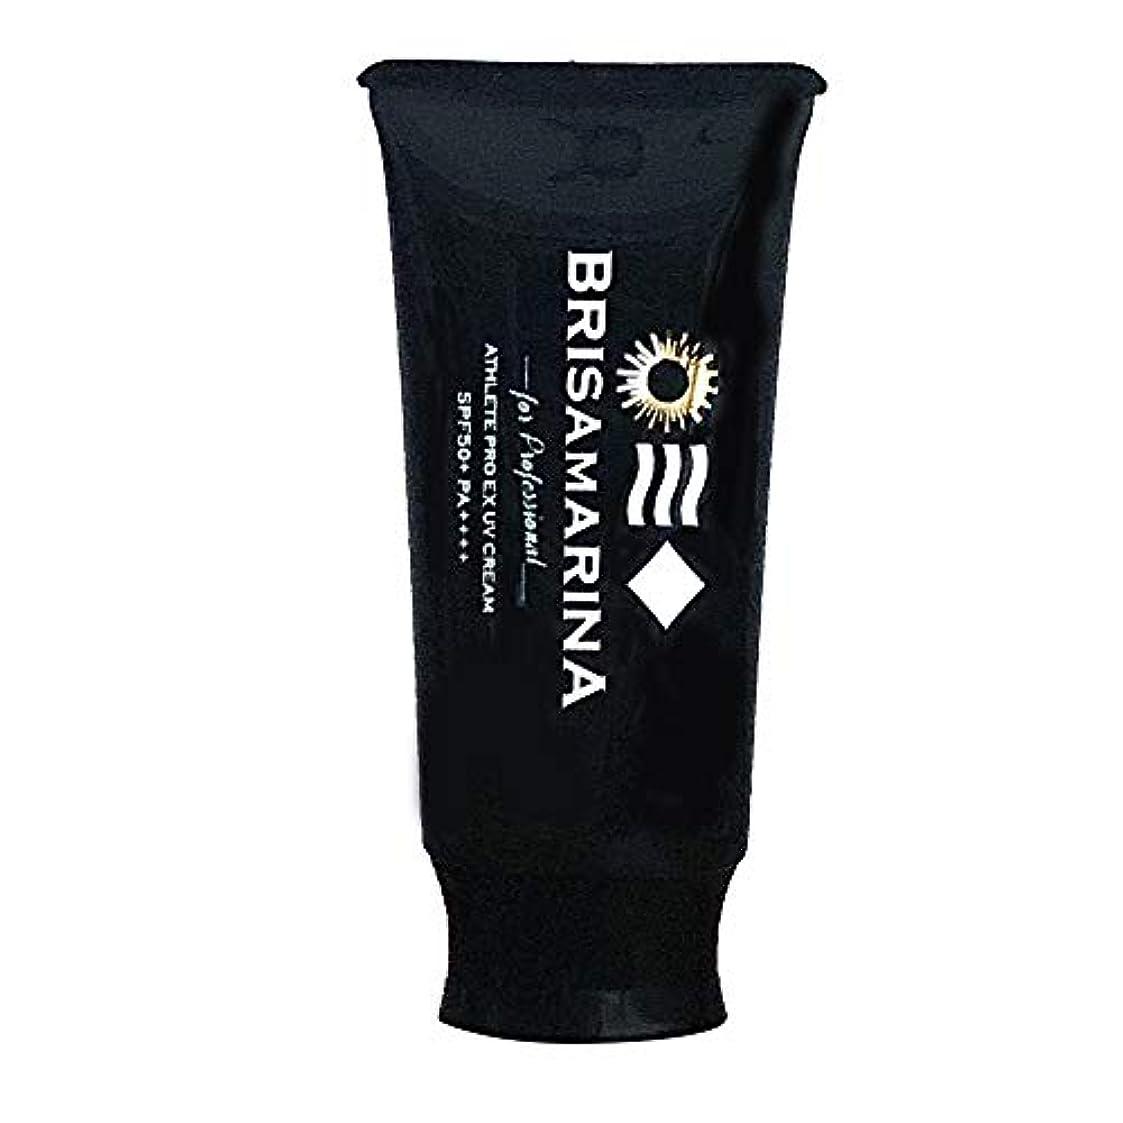 優れた常識るBRISA MARINA(ブリサマリーナ) 日焼け止め アスリートプロEX UVクリーム SPF50 PA++++ 保湿成分 全身 顔 サンケア ウォータープルーフ 日焼止め 日本正規品 ホワイト